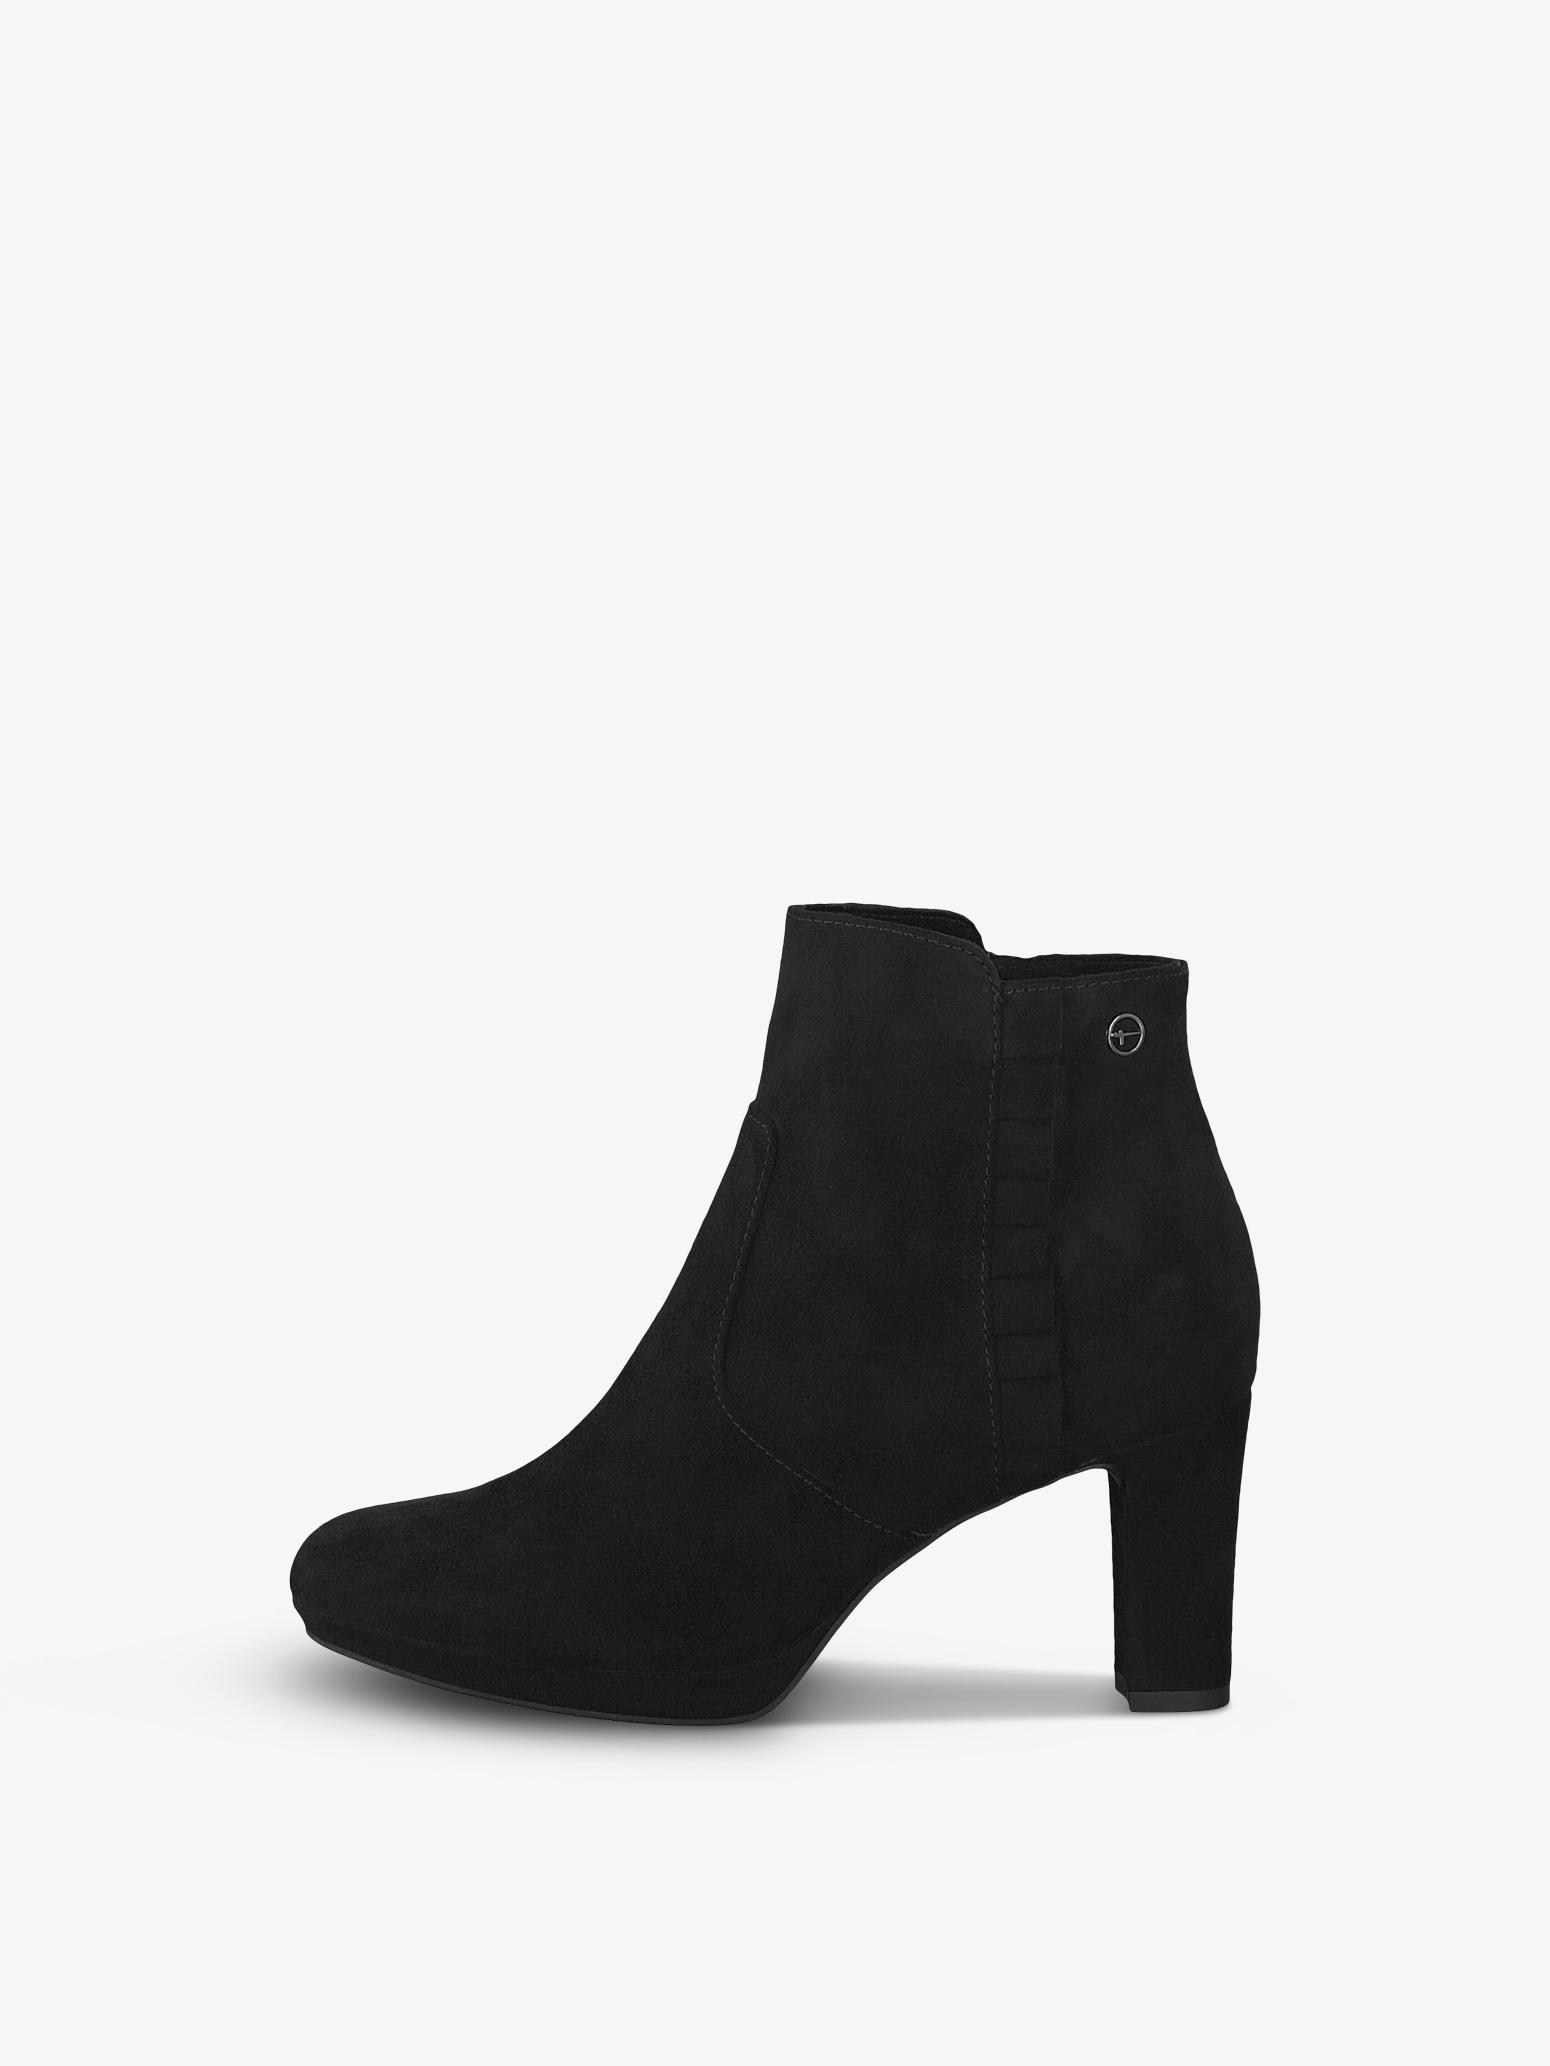 Tamaris Stiefelette, schwarz auf